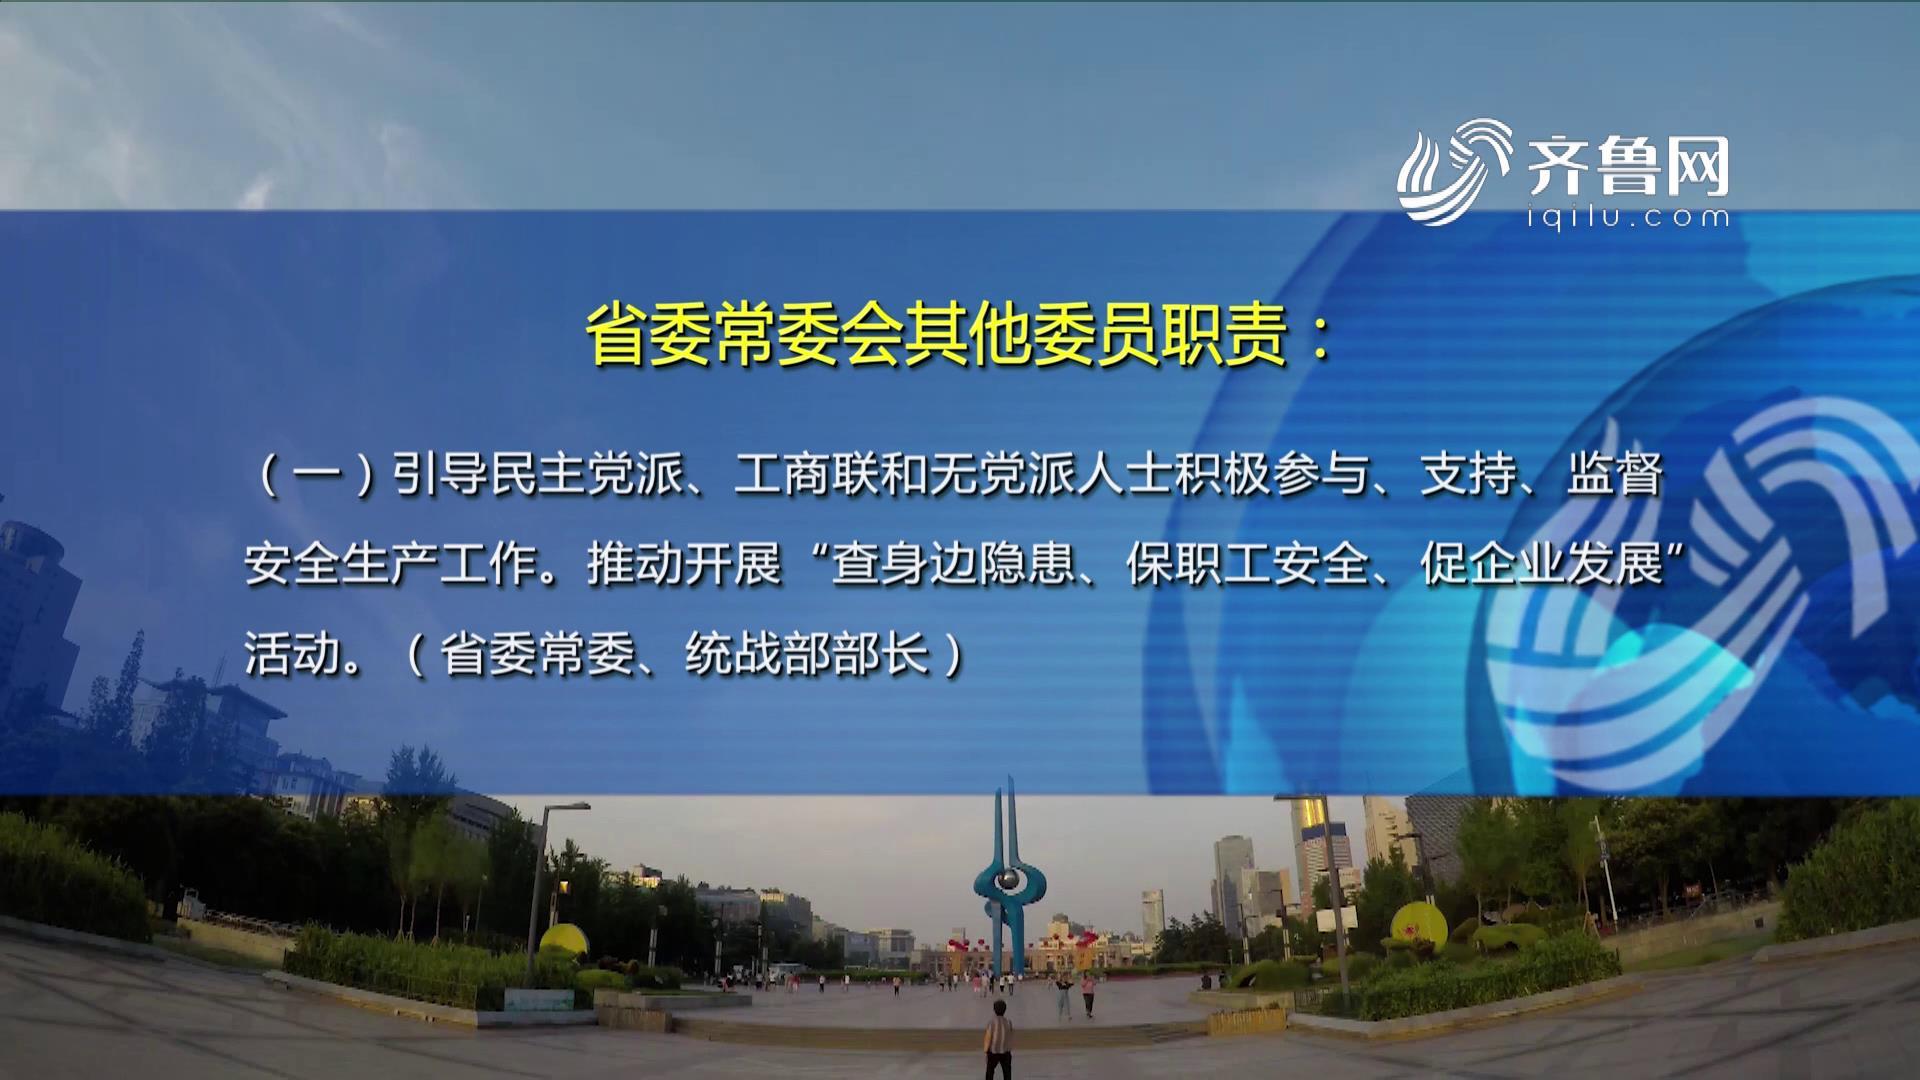 《问安齐鲁》20200503:《山东省党政领导干部安全生产工作职责》出台(2)